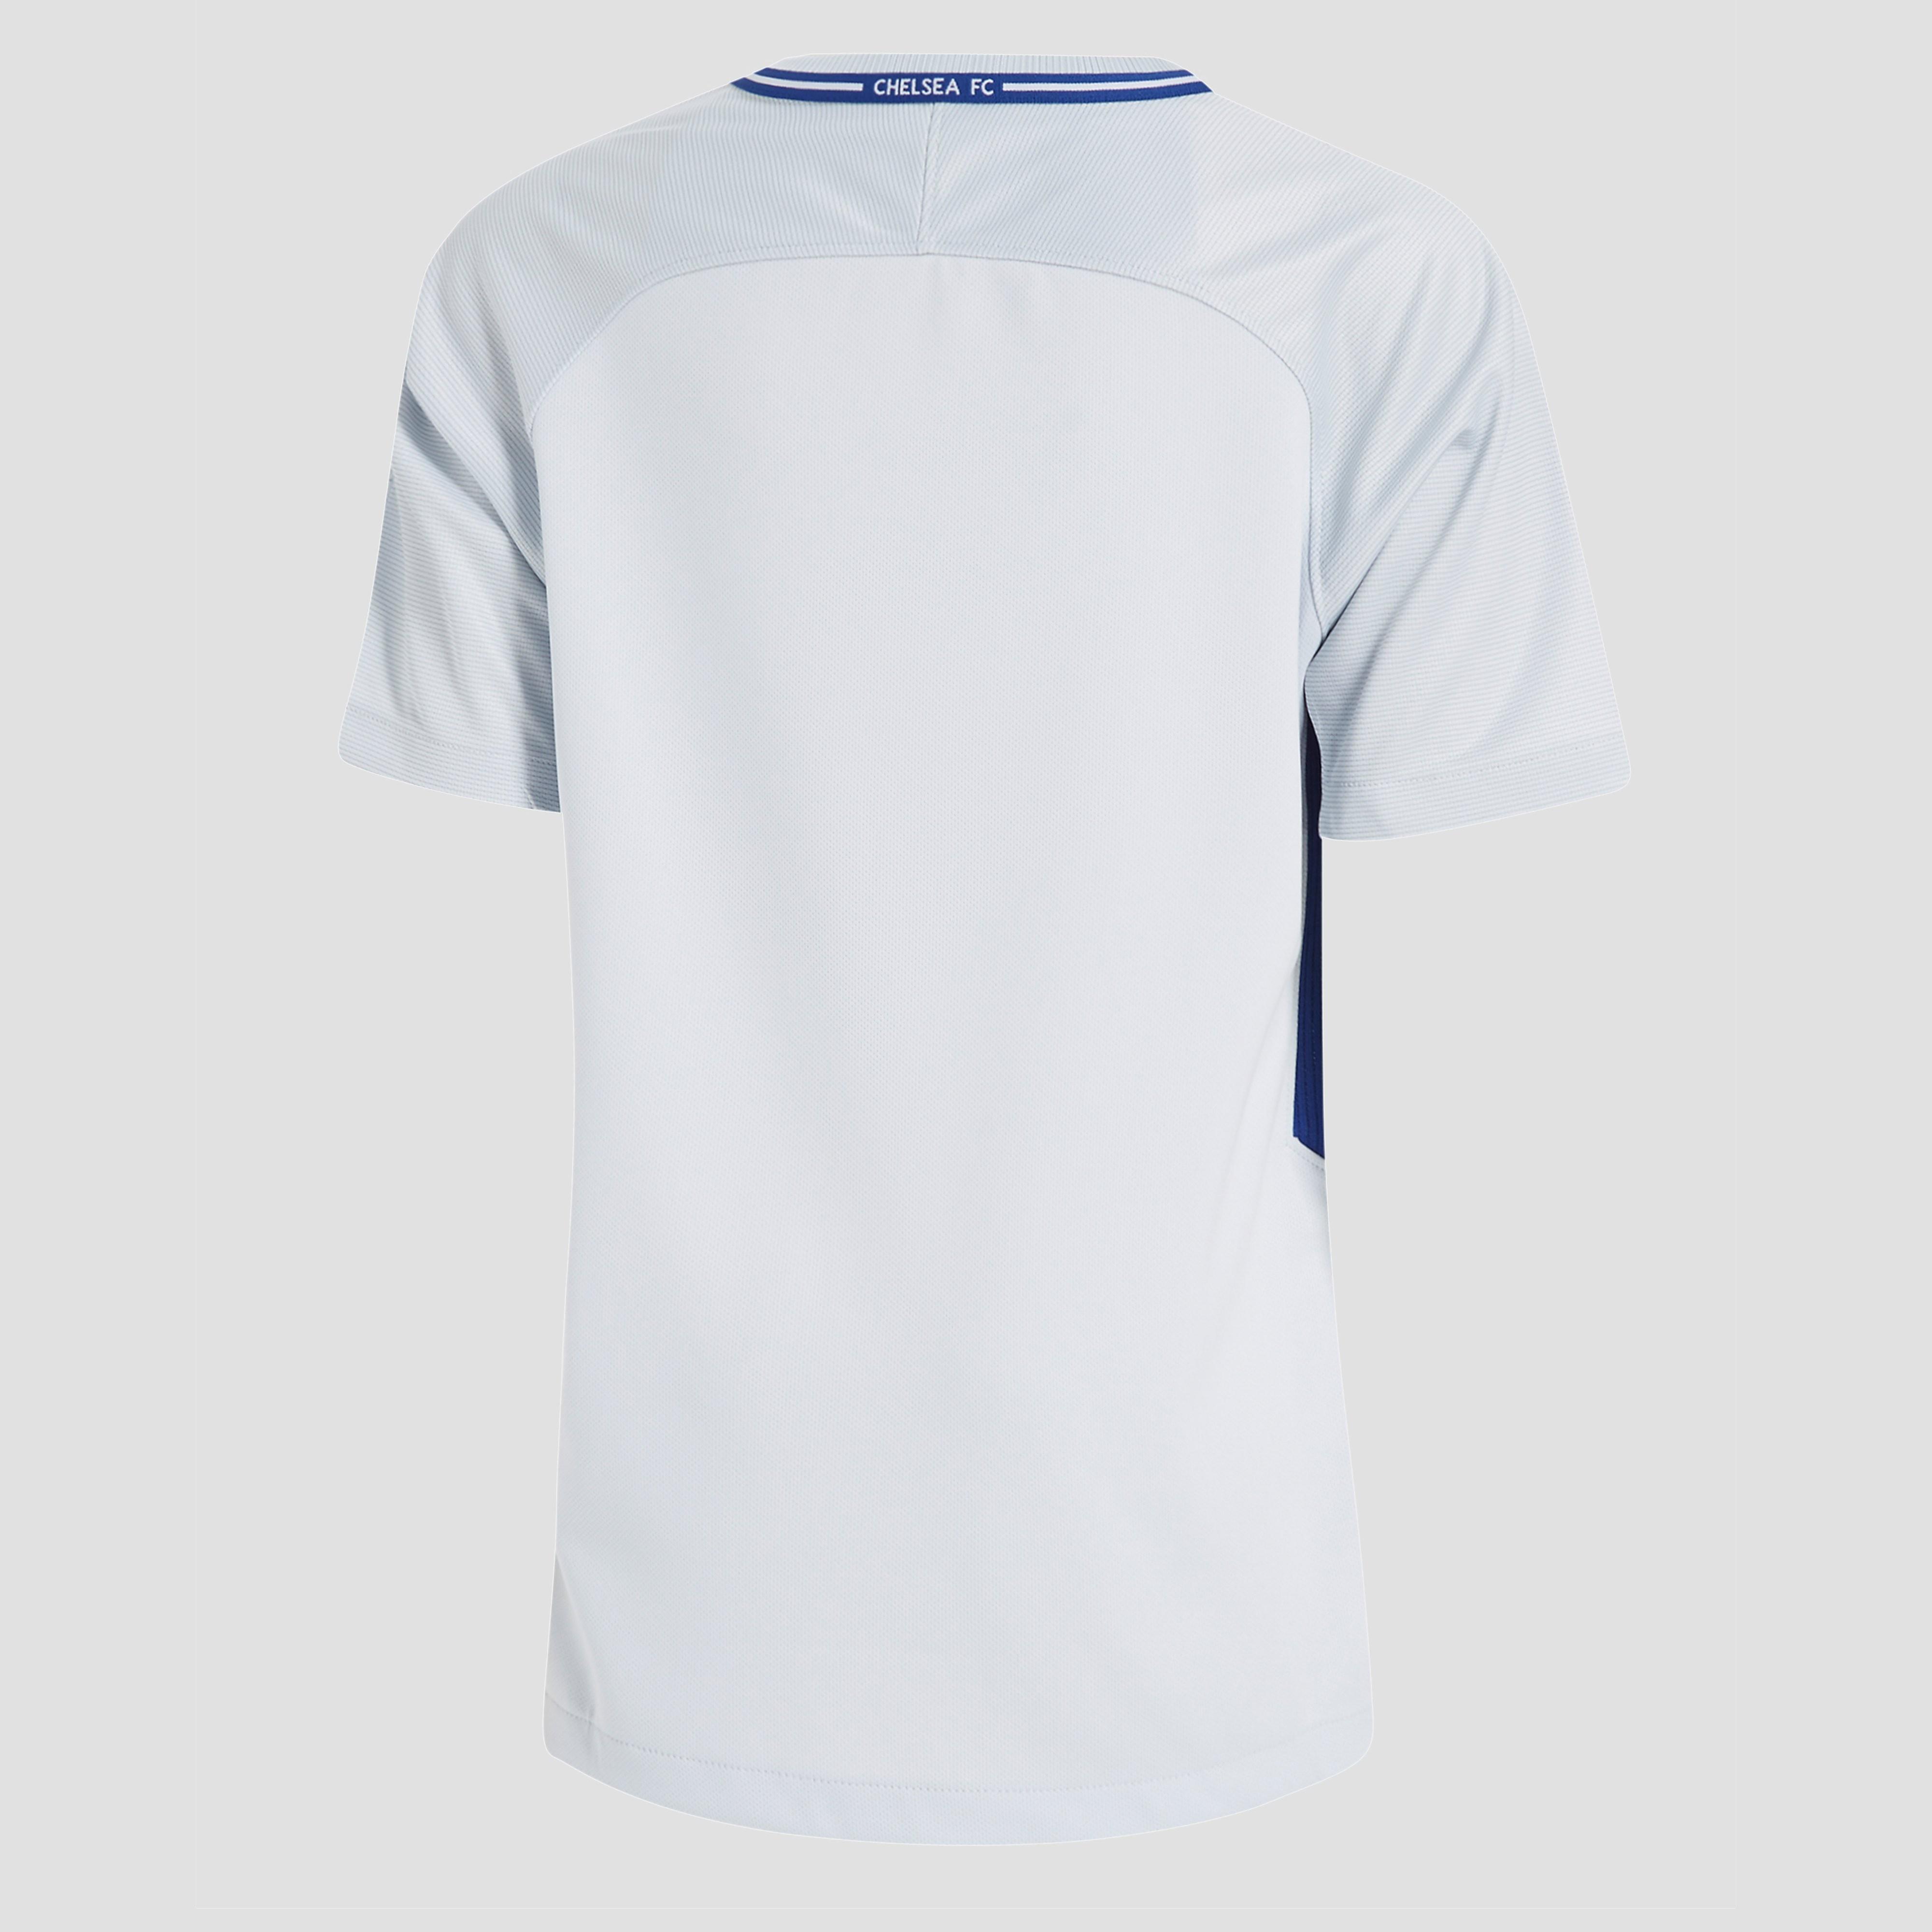 Nike Chelsea FC 2017/18 Away Shirt Junior